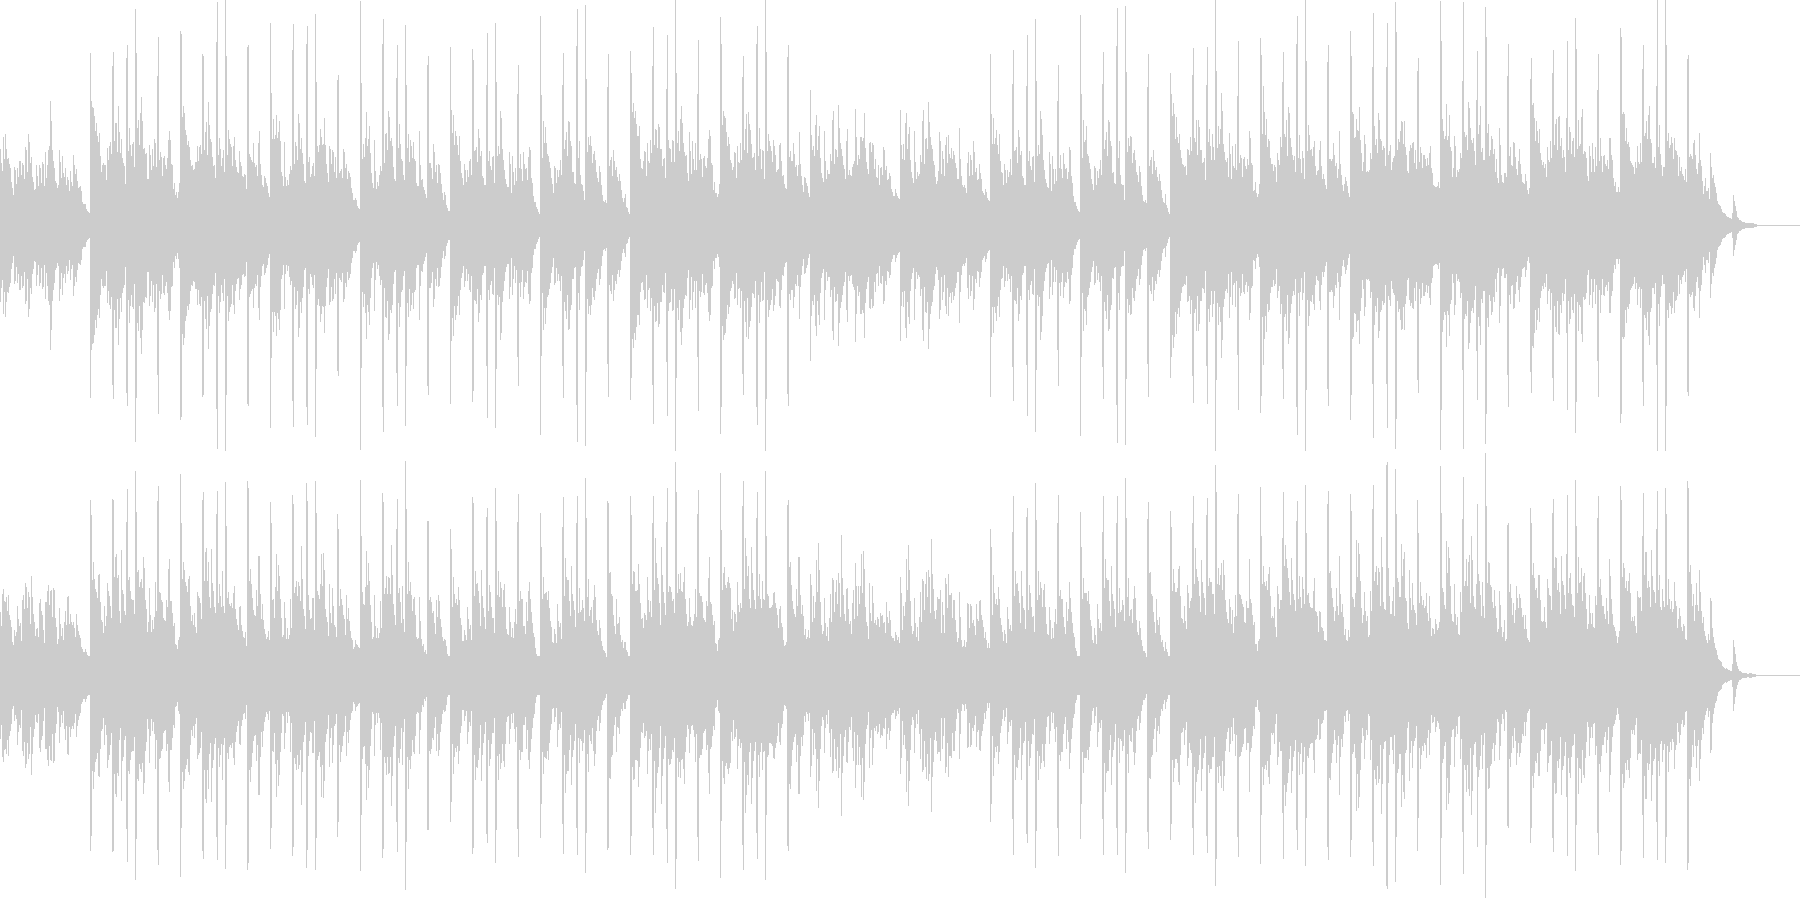 ピアノと琴のメロディが印象的な和風曲の未再生の波形